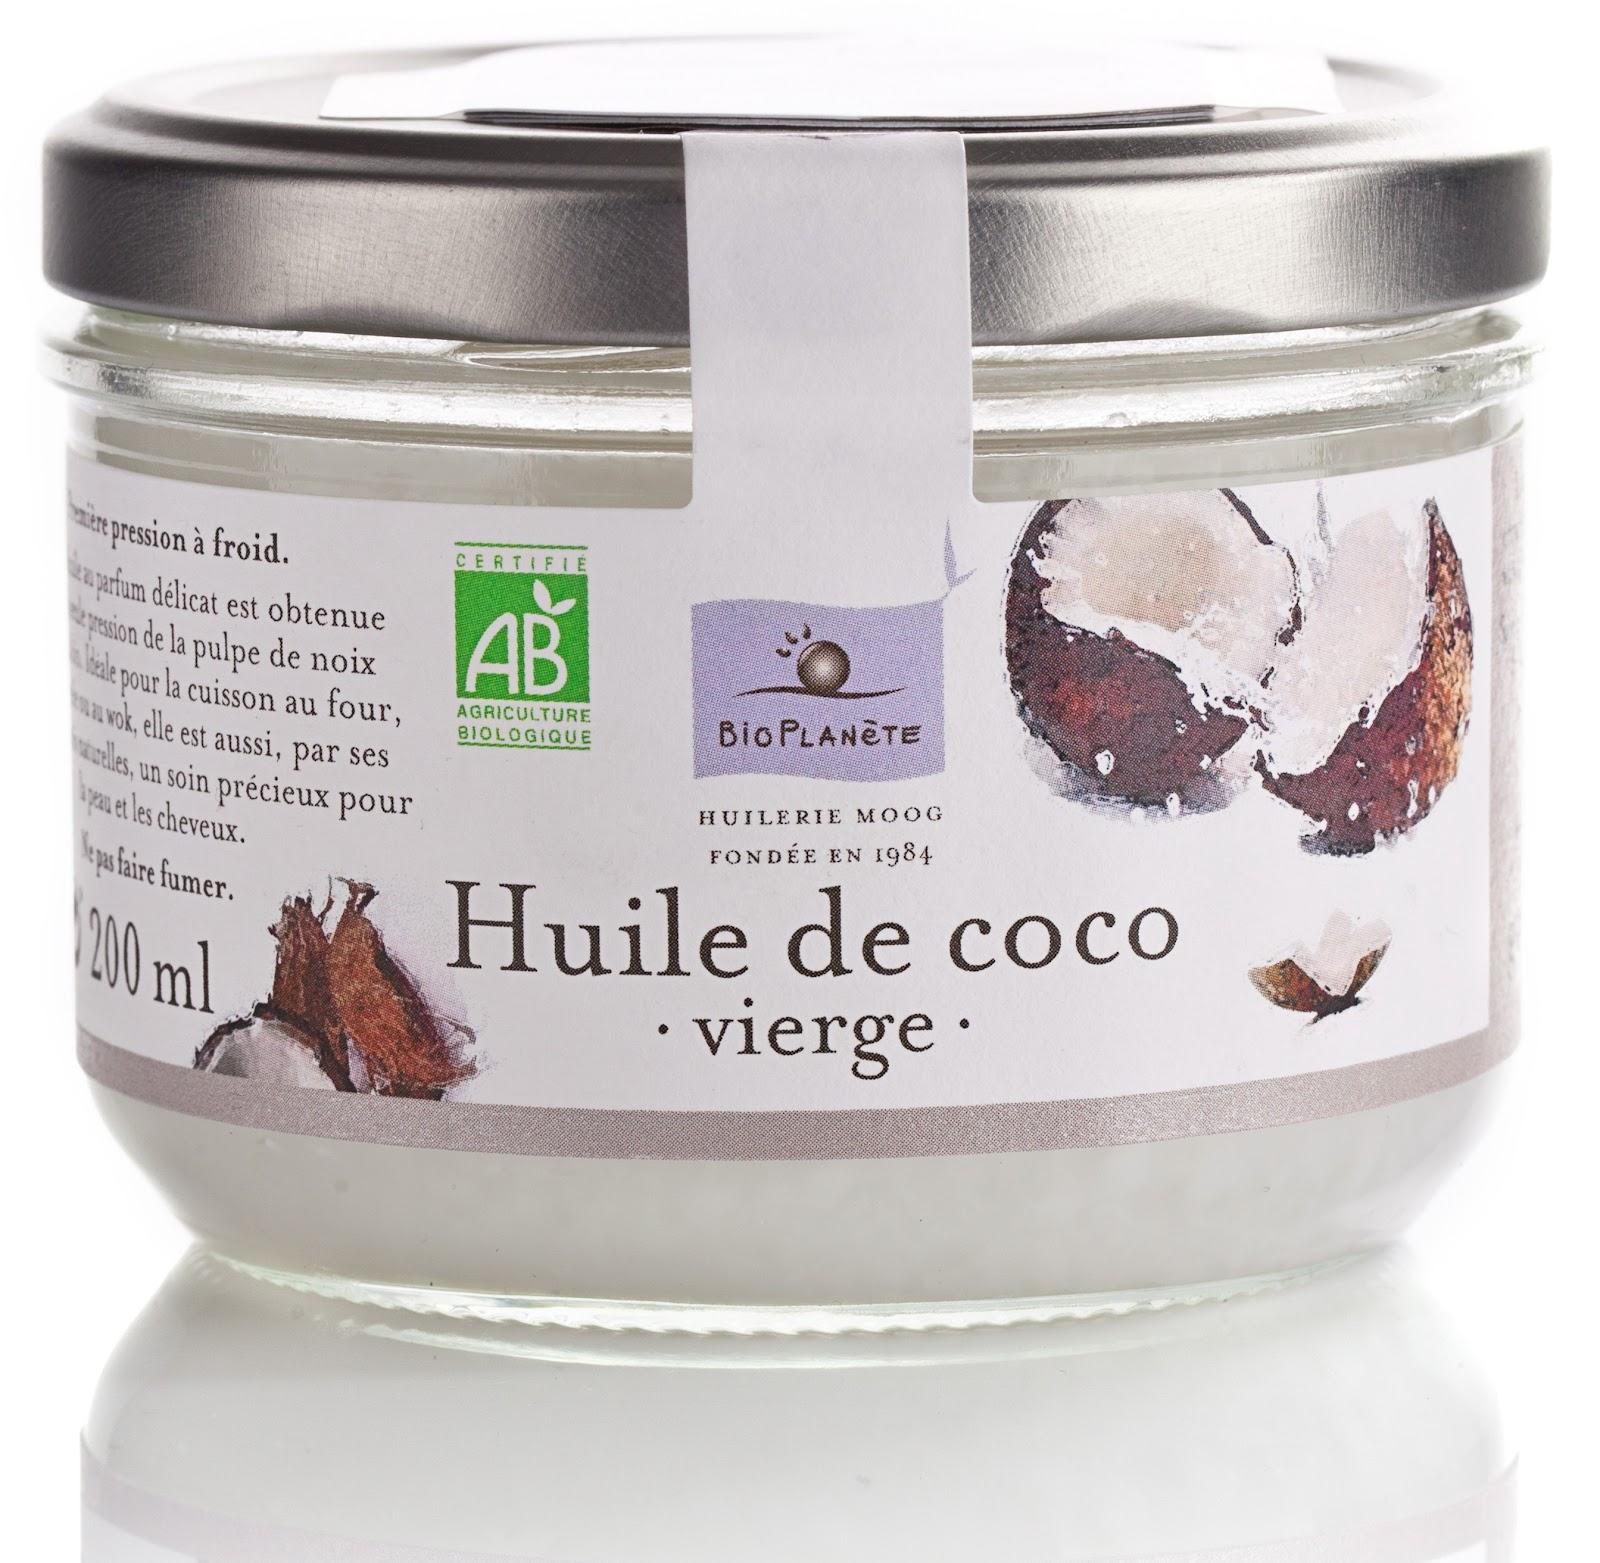 2 łyżki dziennie oleju kokosowego – jakie niesie korzyści? – Motywator Dietetyczny